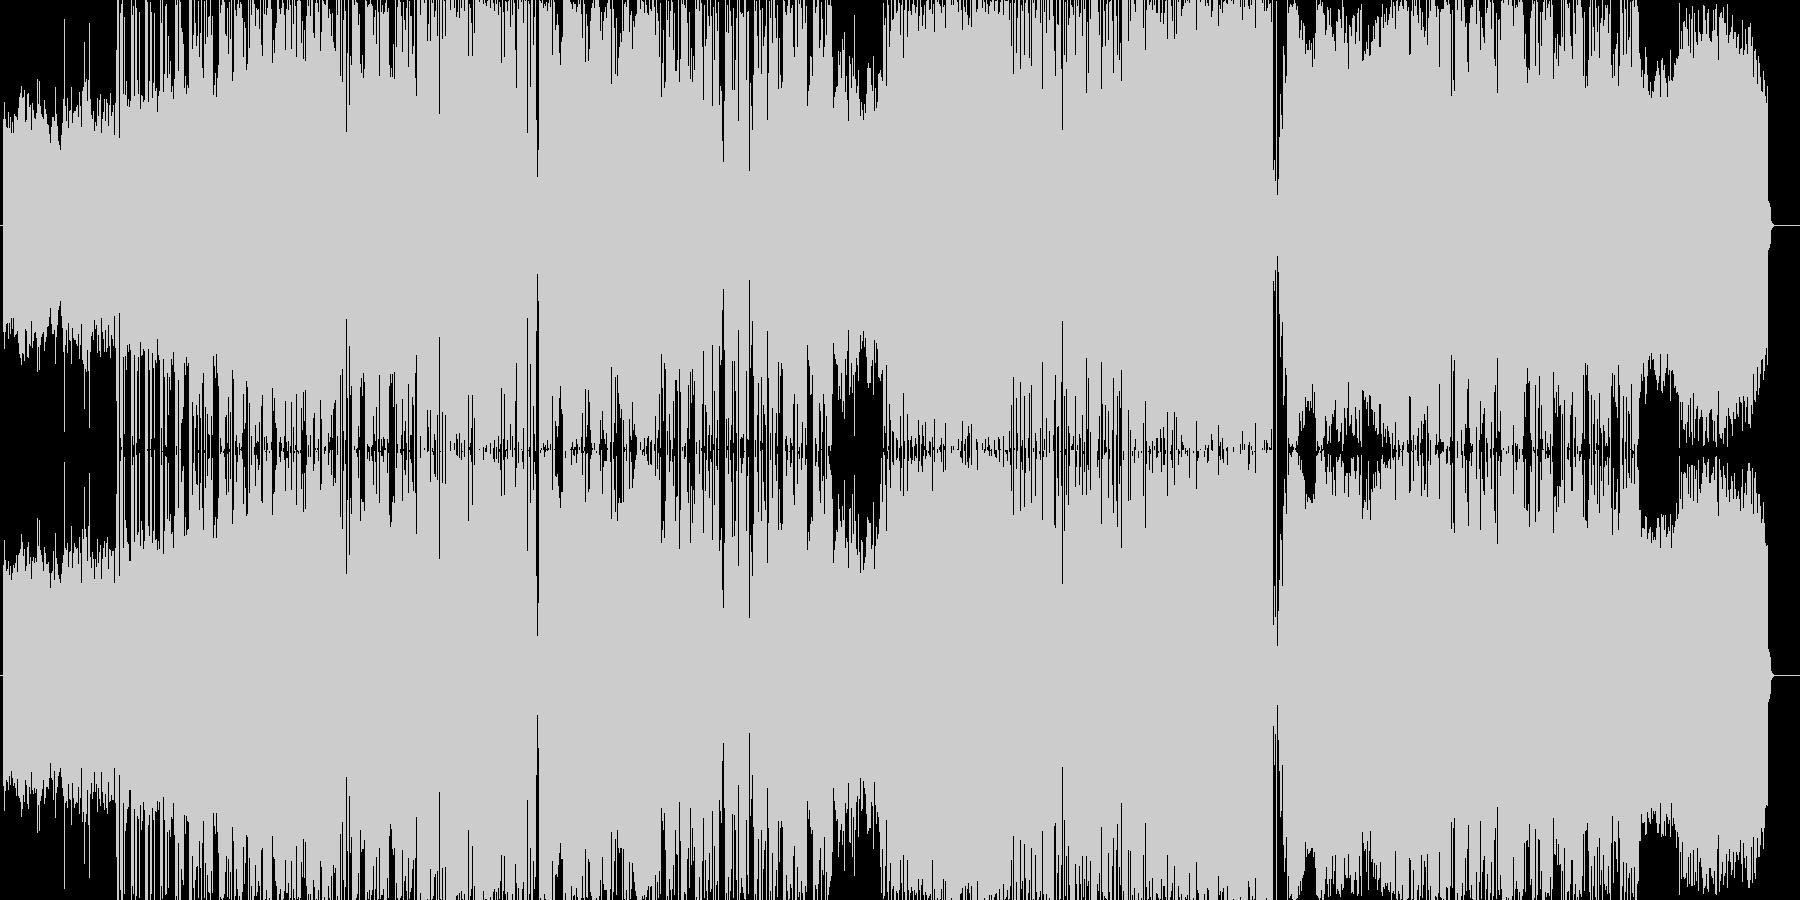 やさしくてゆったりした曲調とラップの融合の未再生の波形